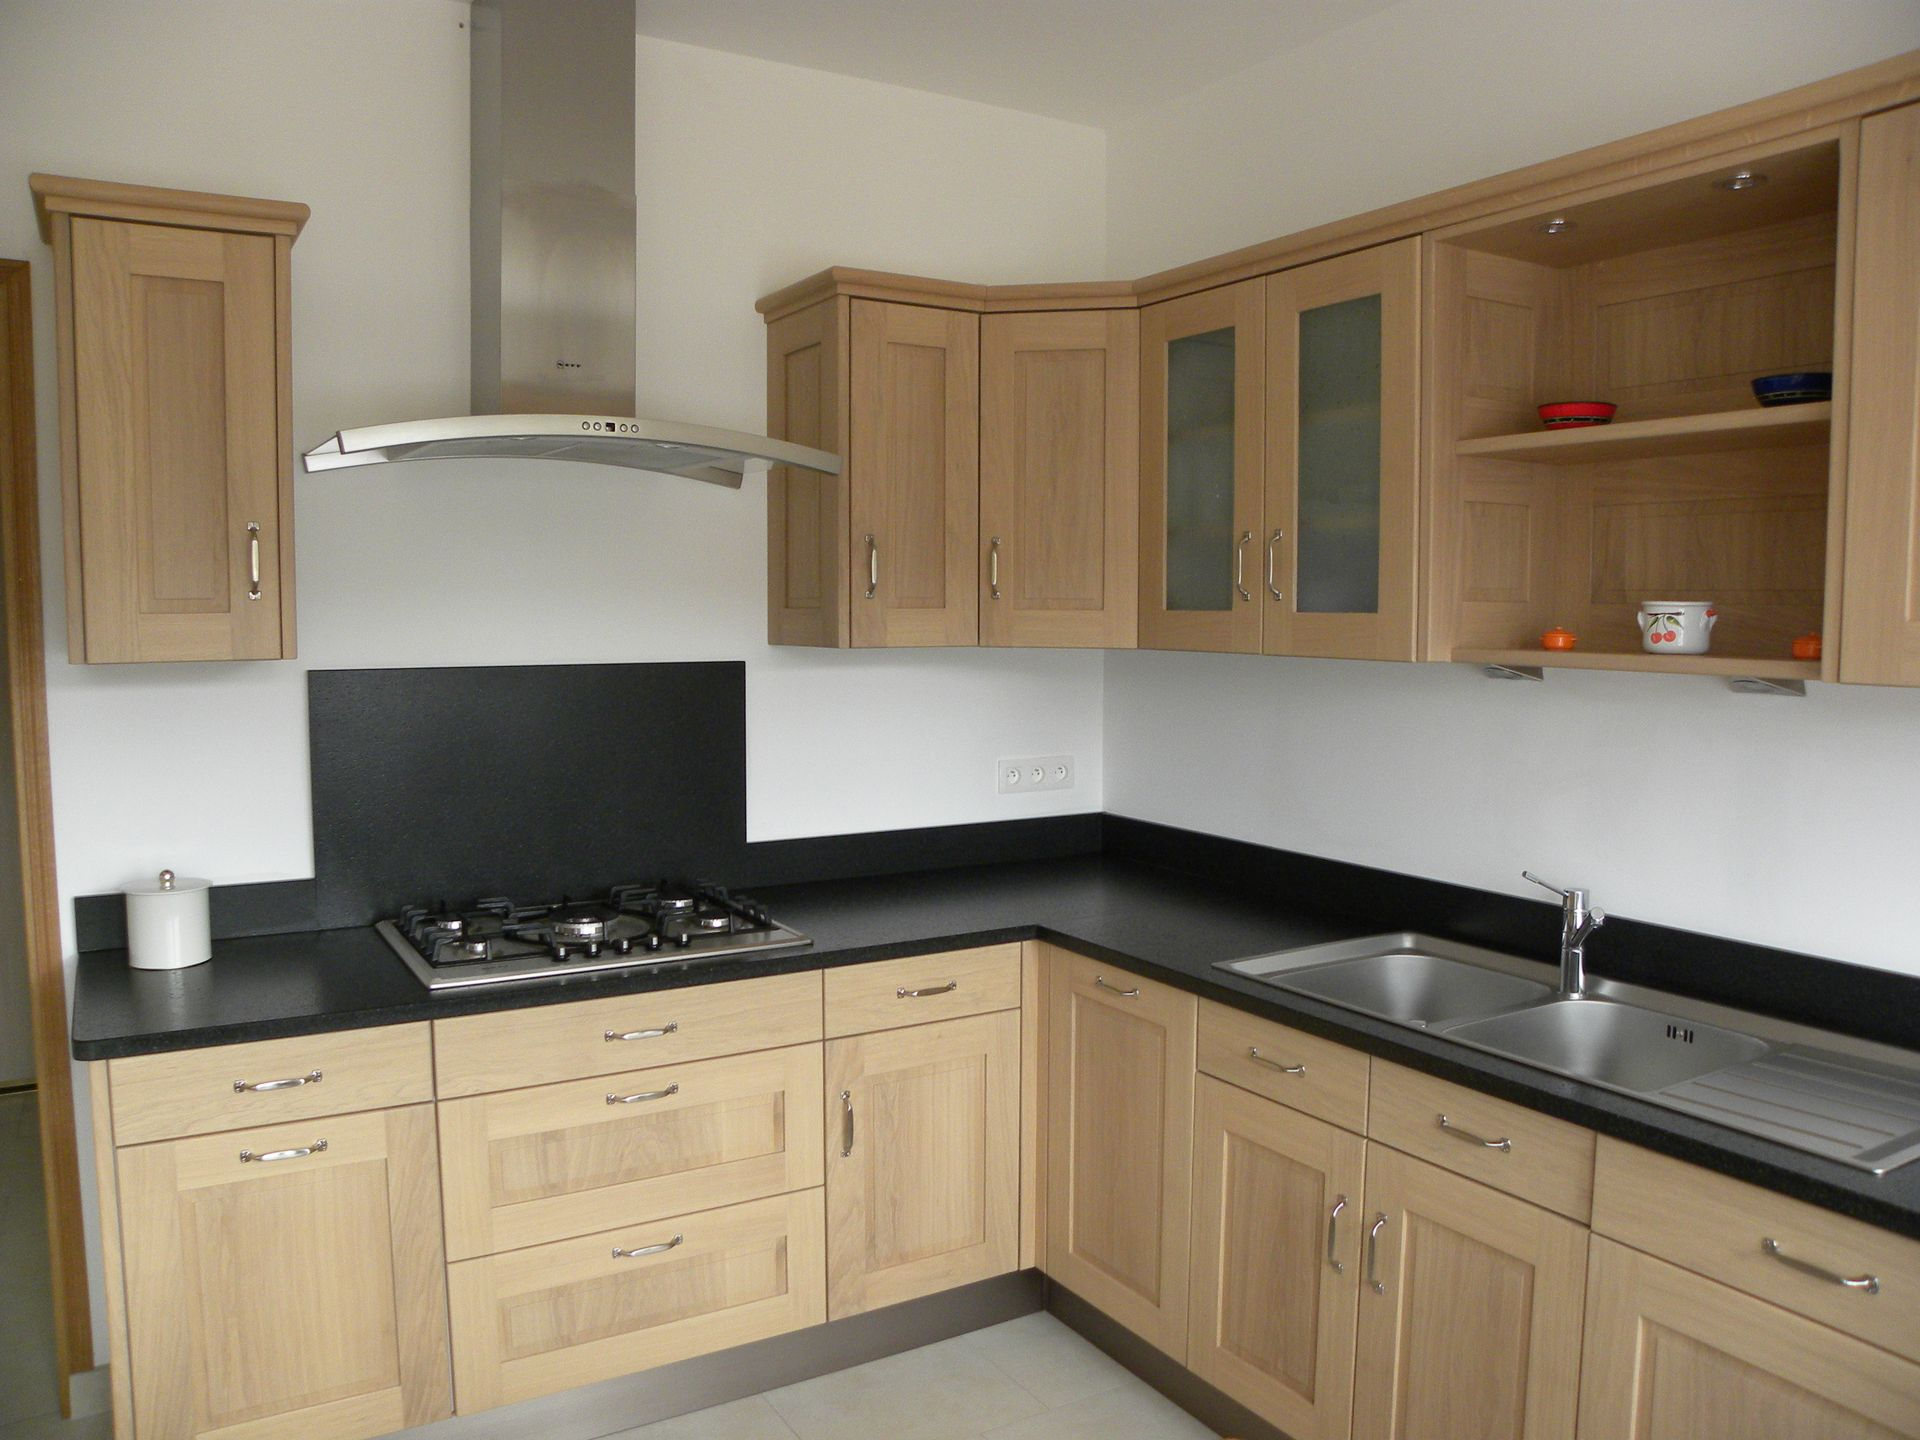 Porte armoire cuisine chene maison et mobilier - Peinture porte cuisine ...